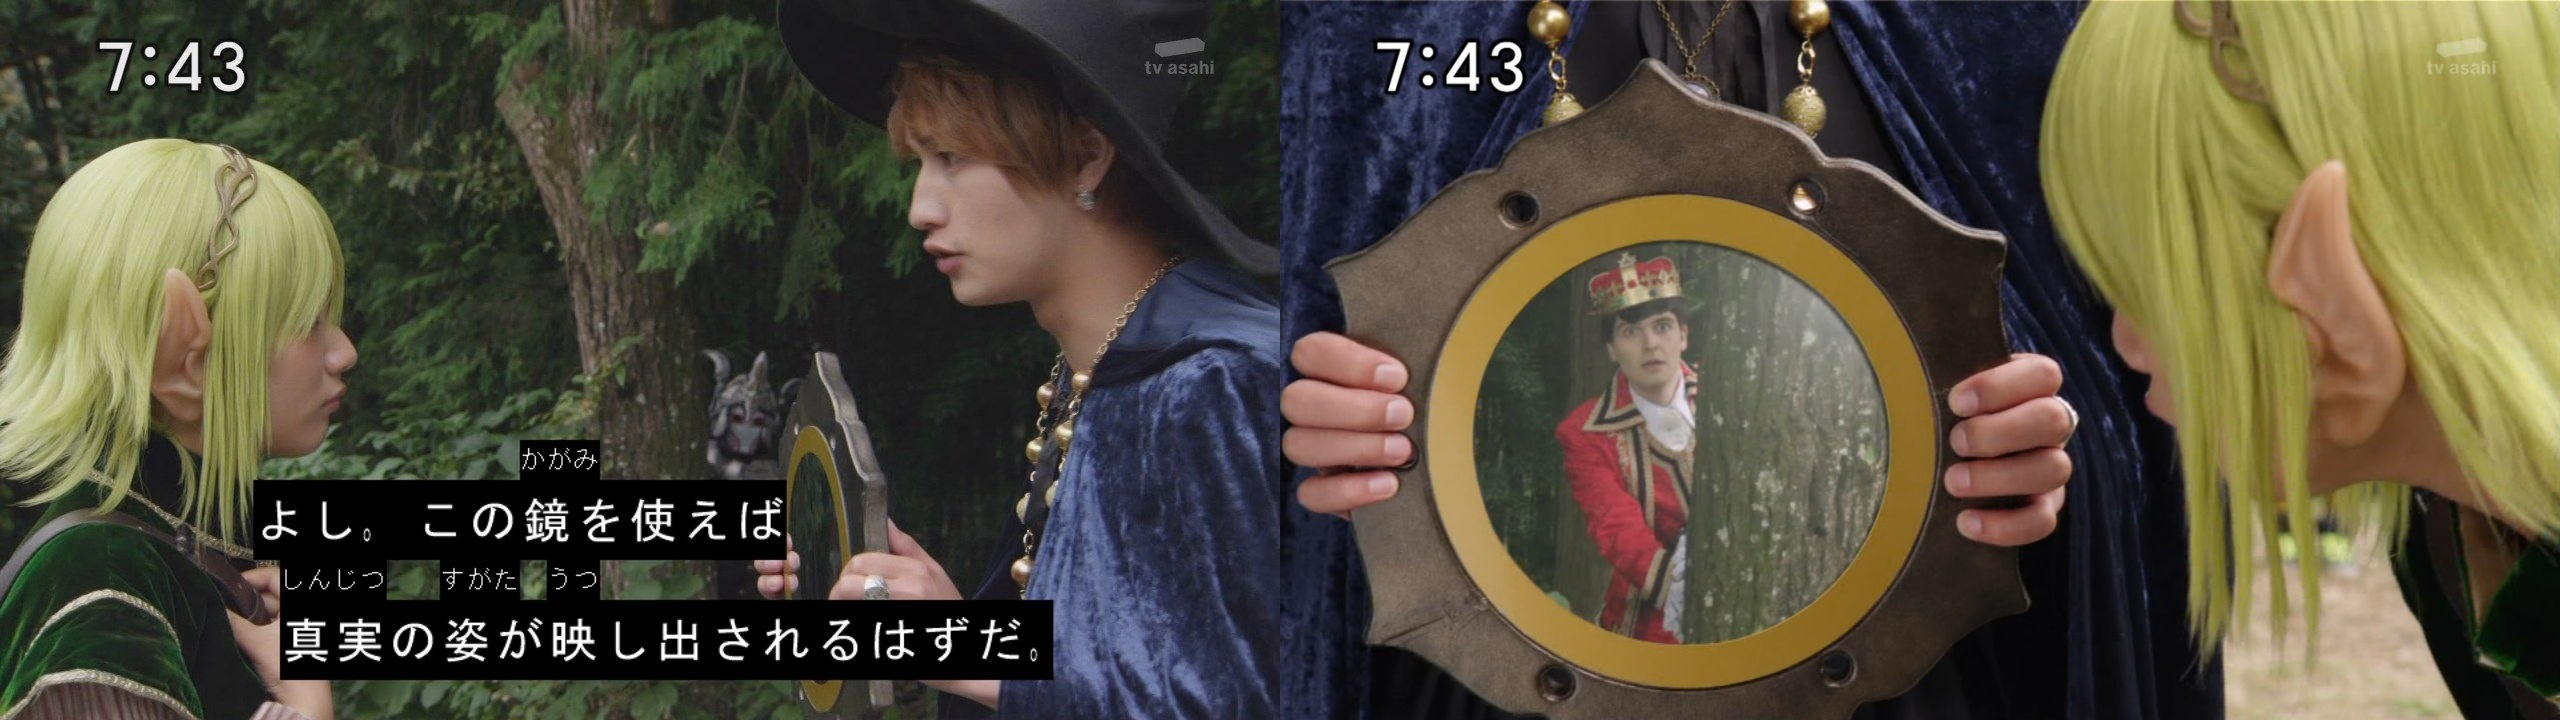 ニンニンジャー#37ラーの鏡